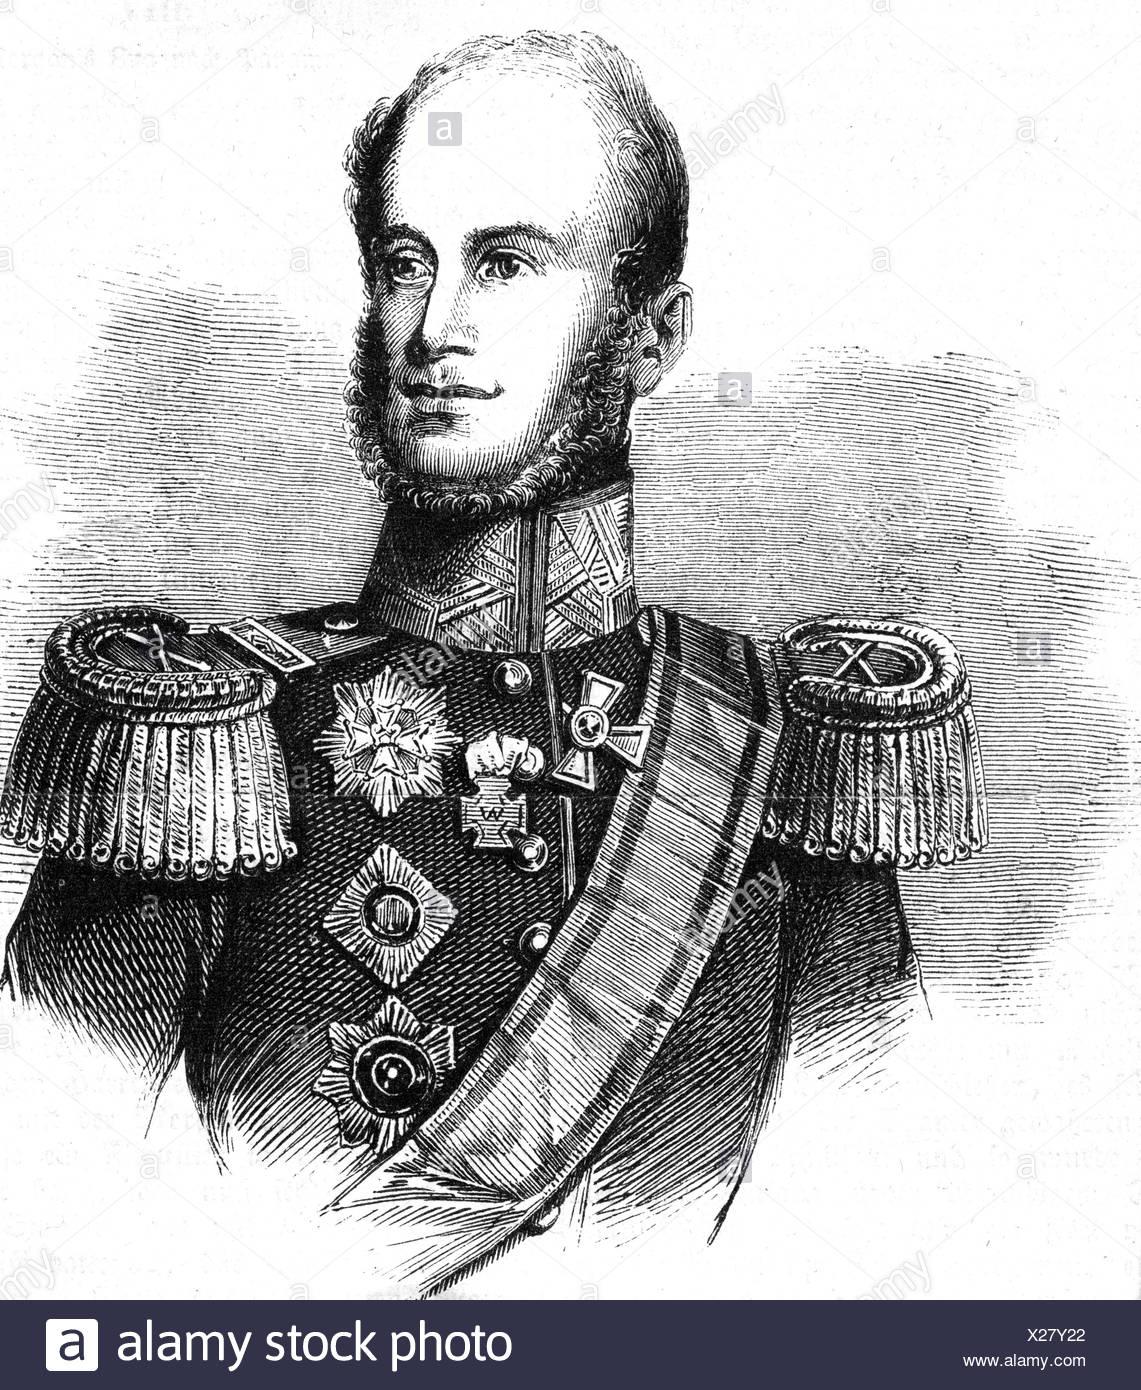 Guillermo I, 24.8.1772 - 12.12.1843, Rey de los Países Bajos 16.3.1814 - 7.10.1840, retrato, grabado, del siglo xix, , Additional-Rights-juegos-NA Imagen De Stock